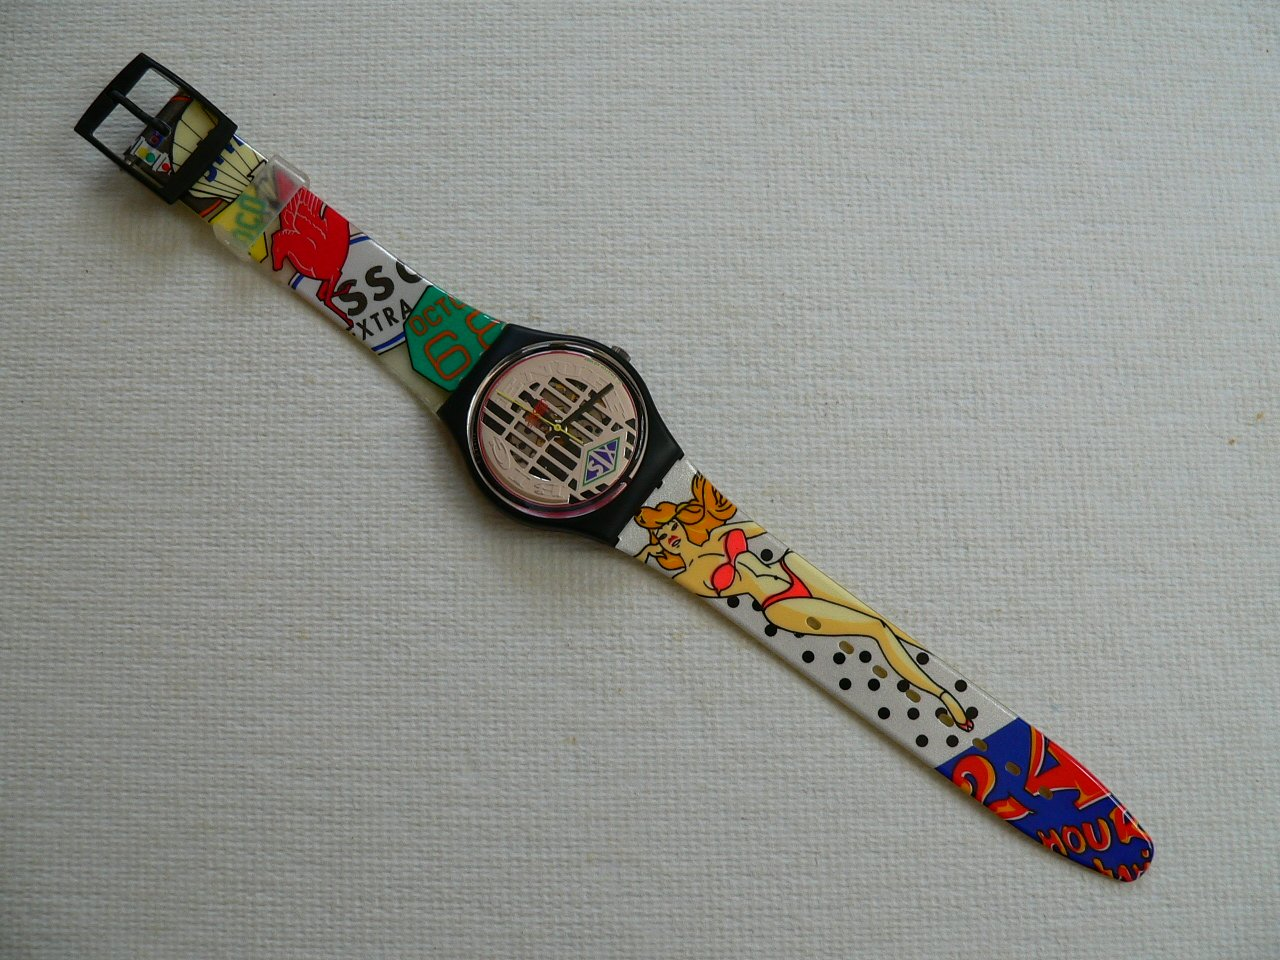 1993 Swatch GB151